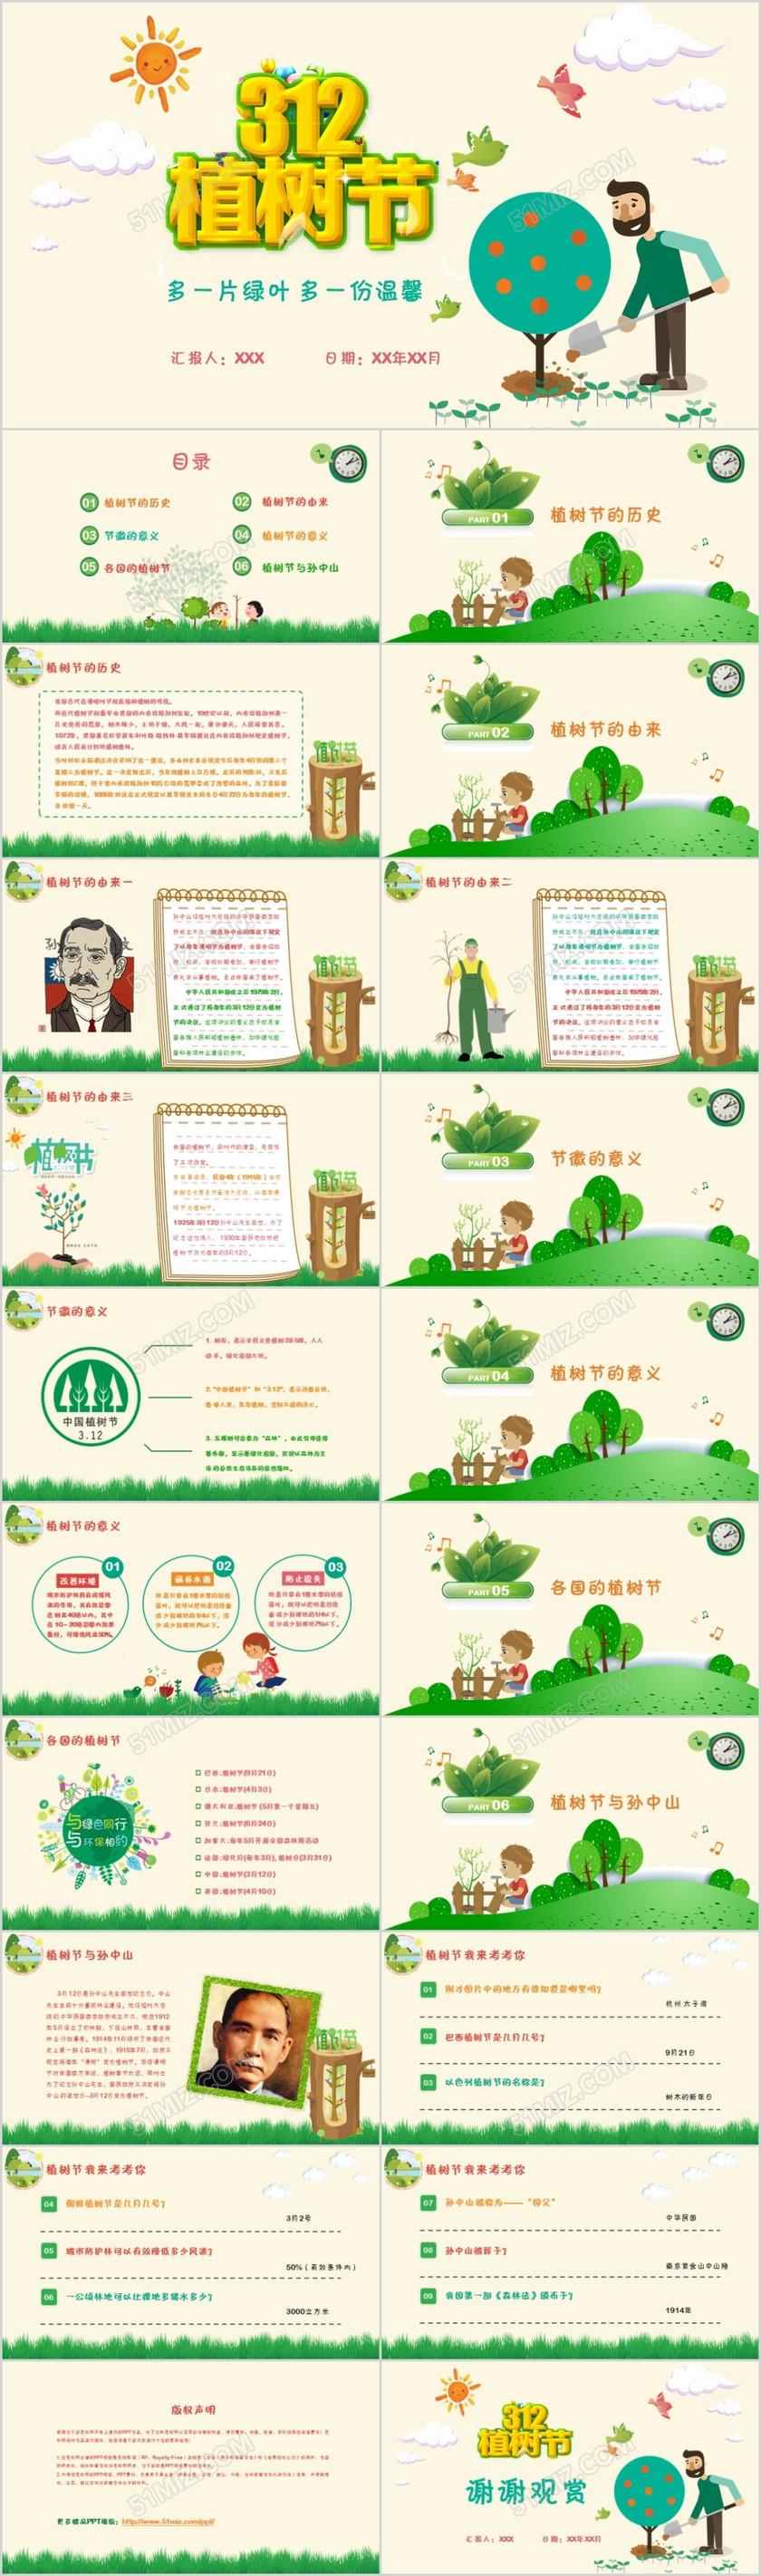 植树节卡通教育教学主题班会活动幼儿园大班中班植树节ppt模板